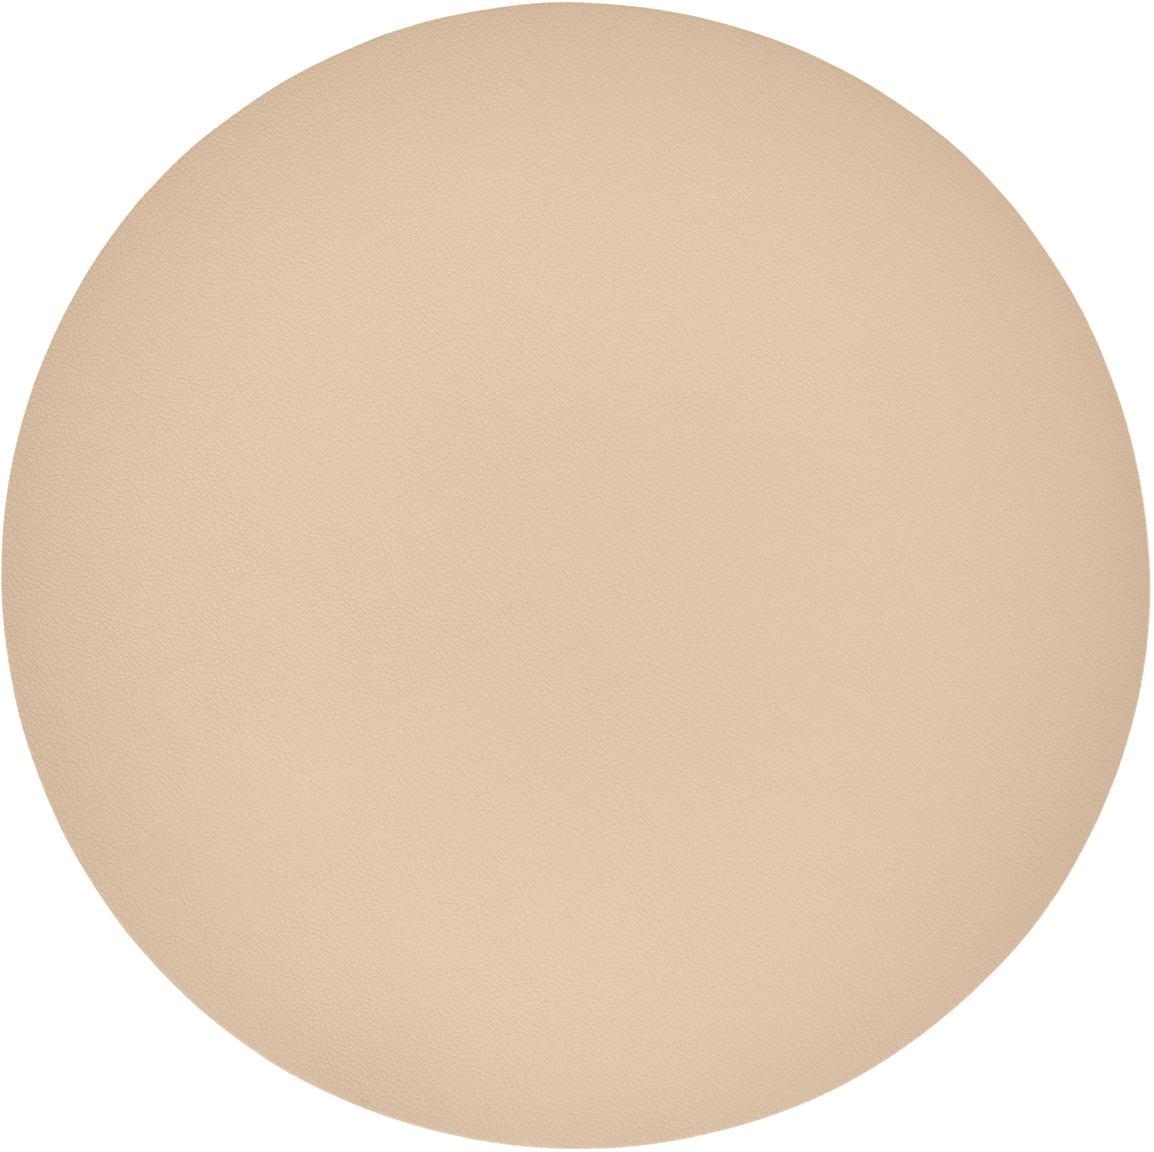 Manteles individuales redondos de cuero sintético Pik, 2uds., Plástico (PVC) es aspecto de cuero, Beige, Ø 38 cm